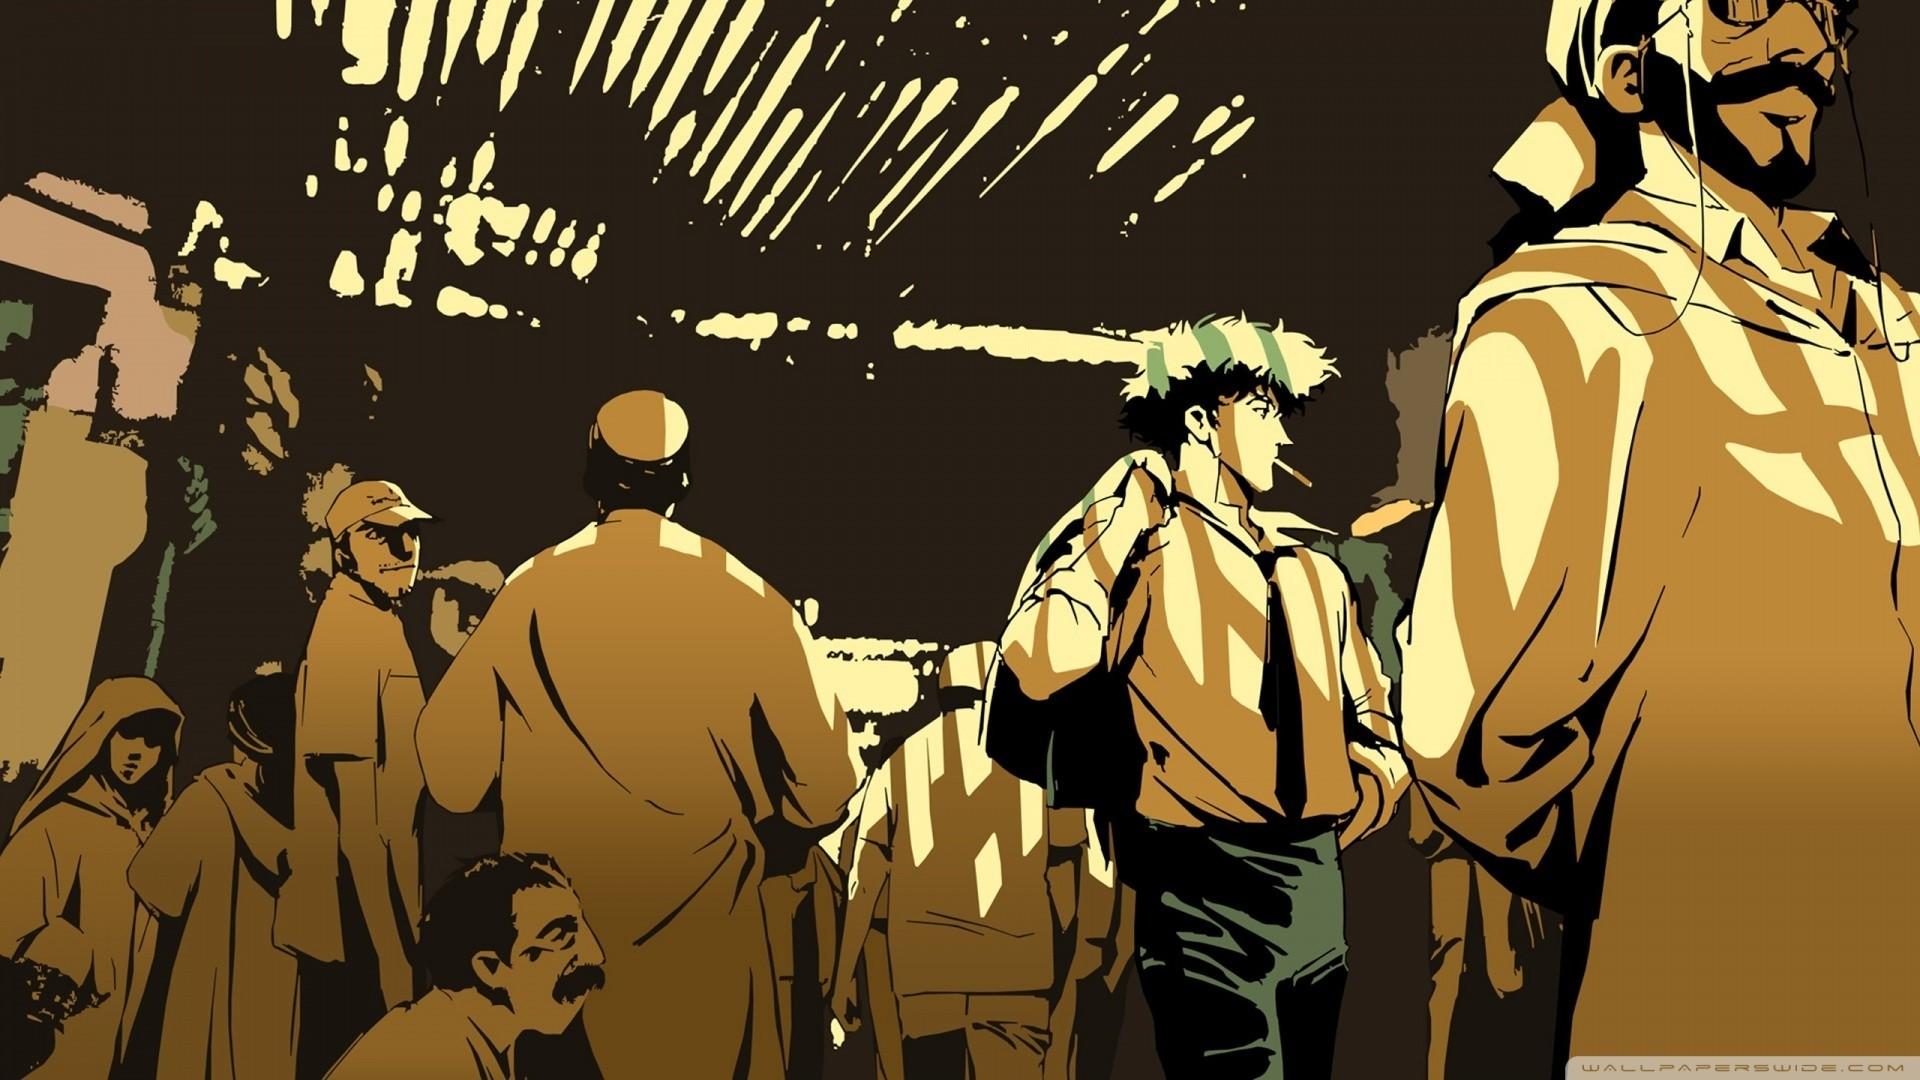 Cowboy Bebop wallpaper photo hd